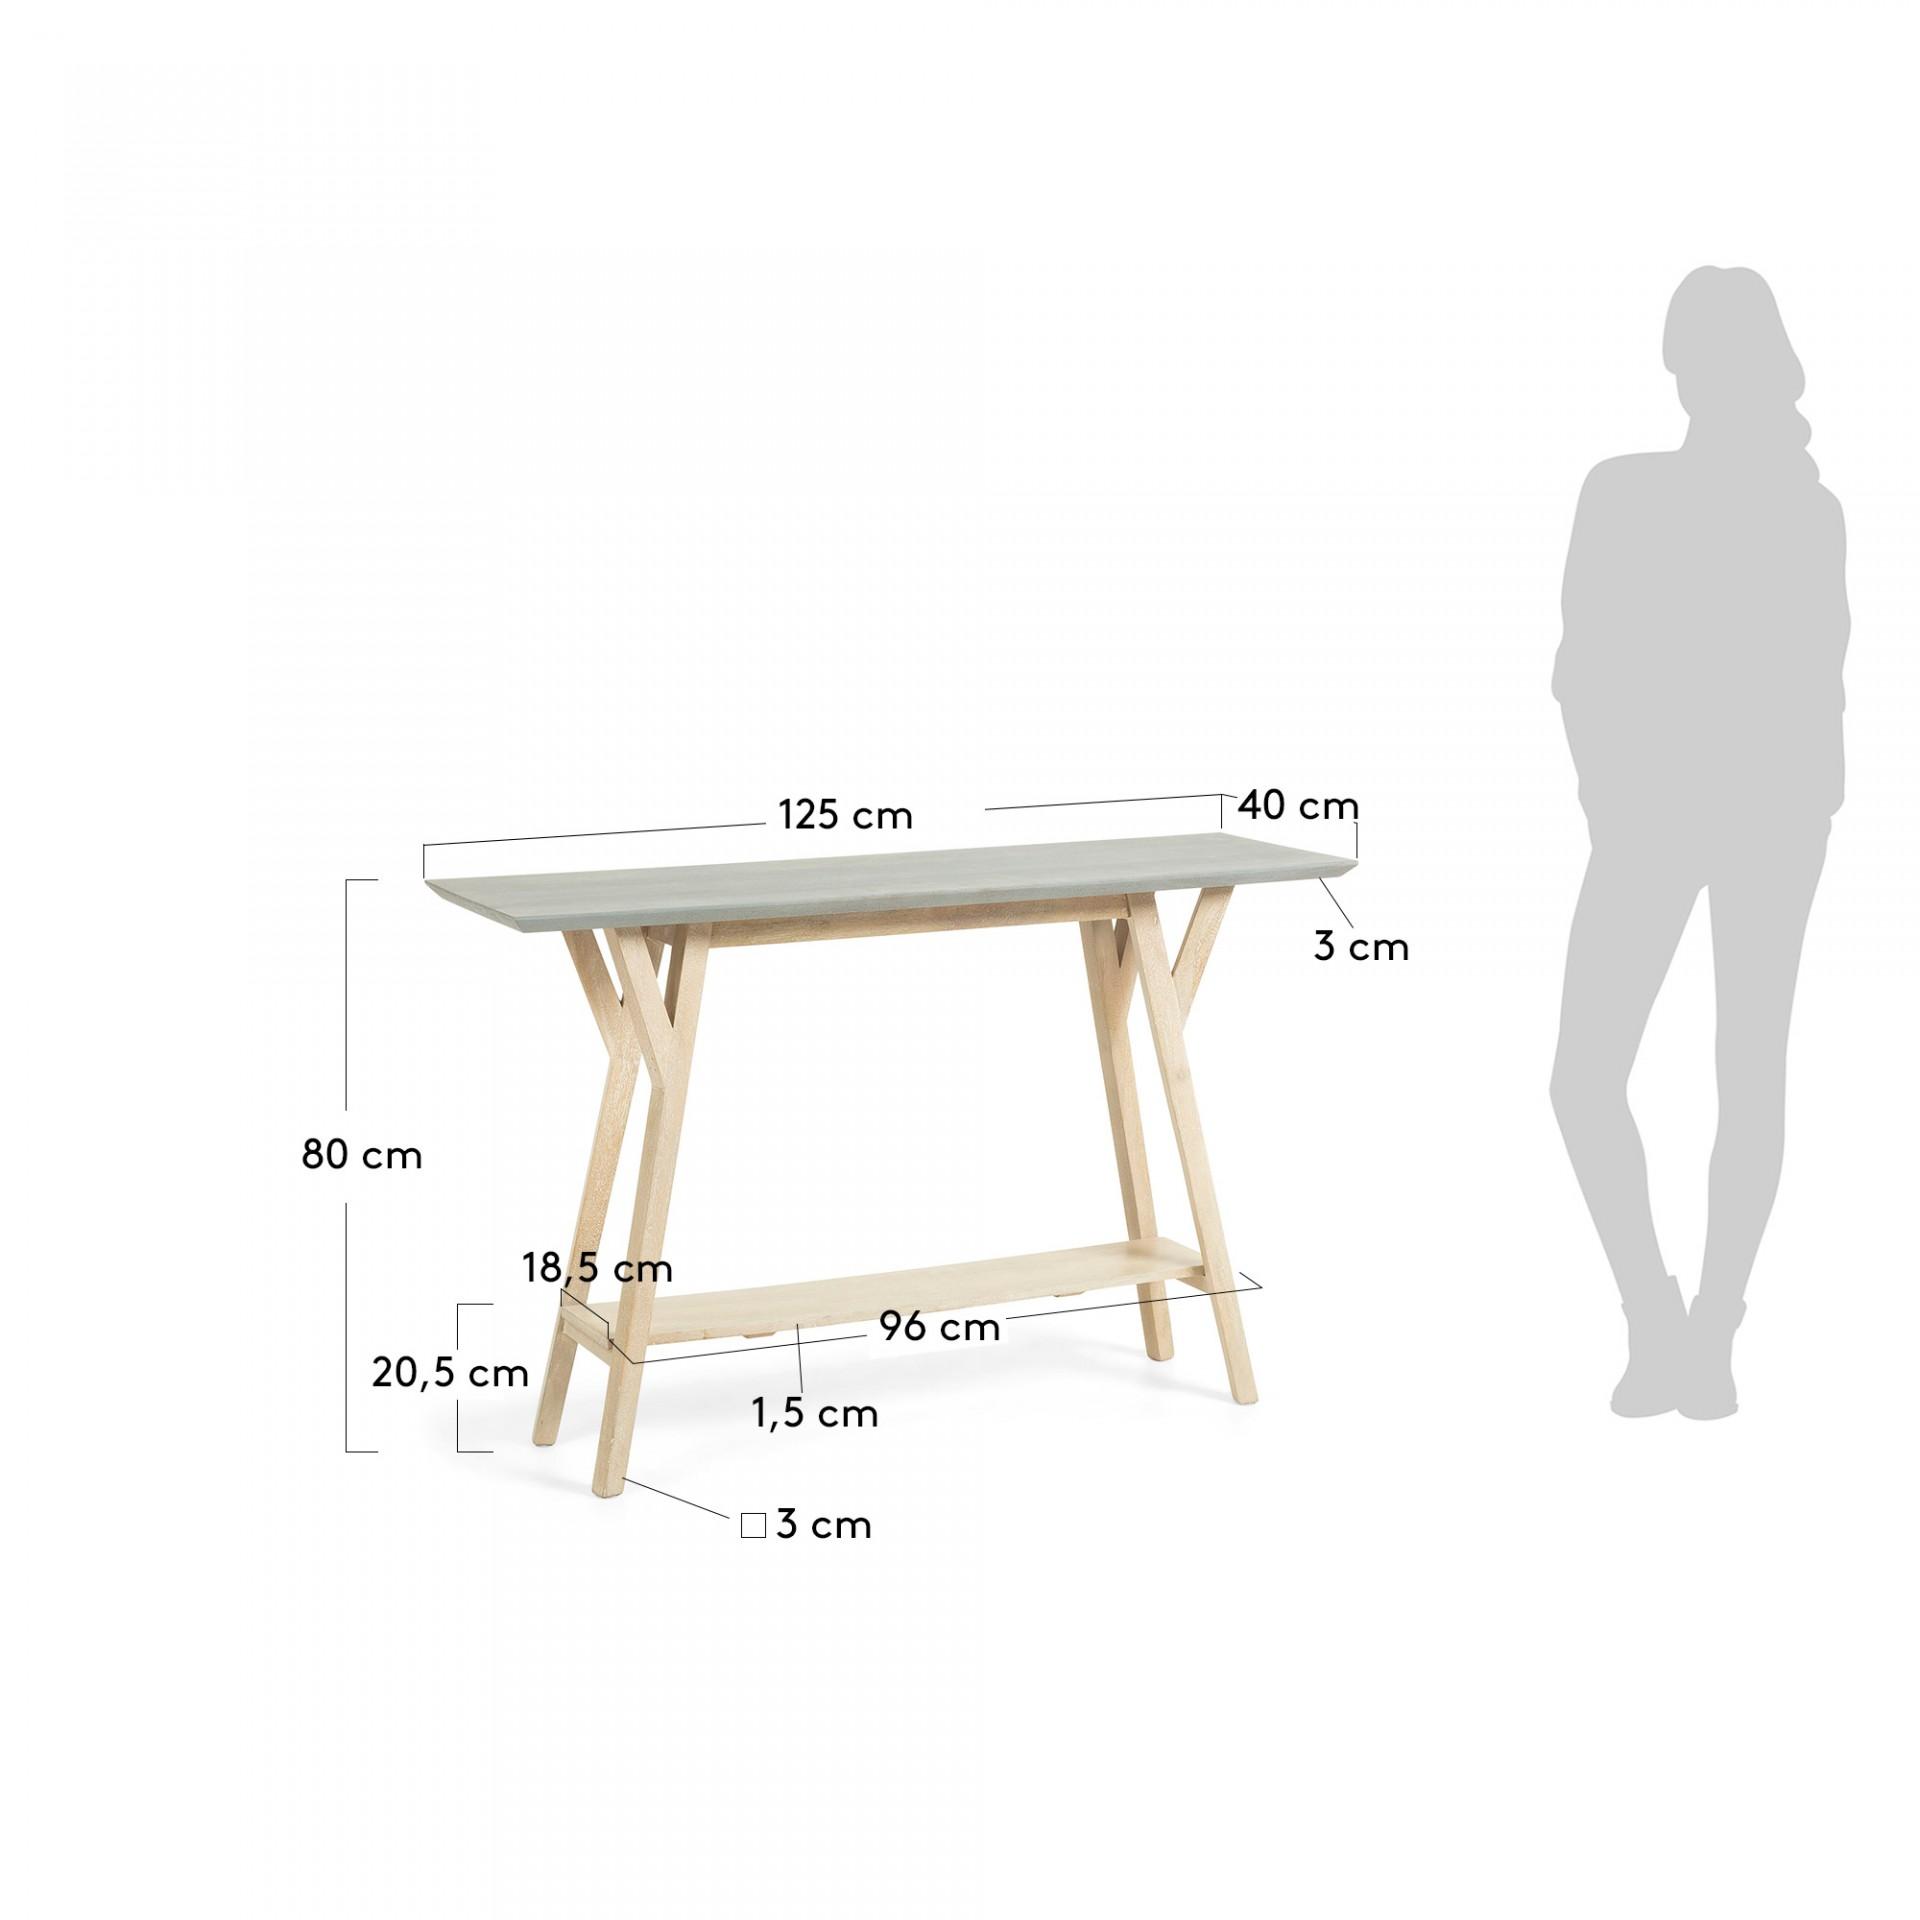 Consola em madeira de mangueira natural, 125x80